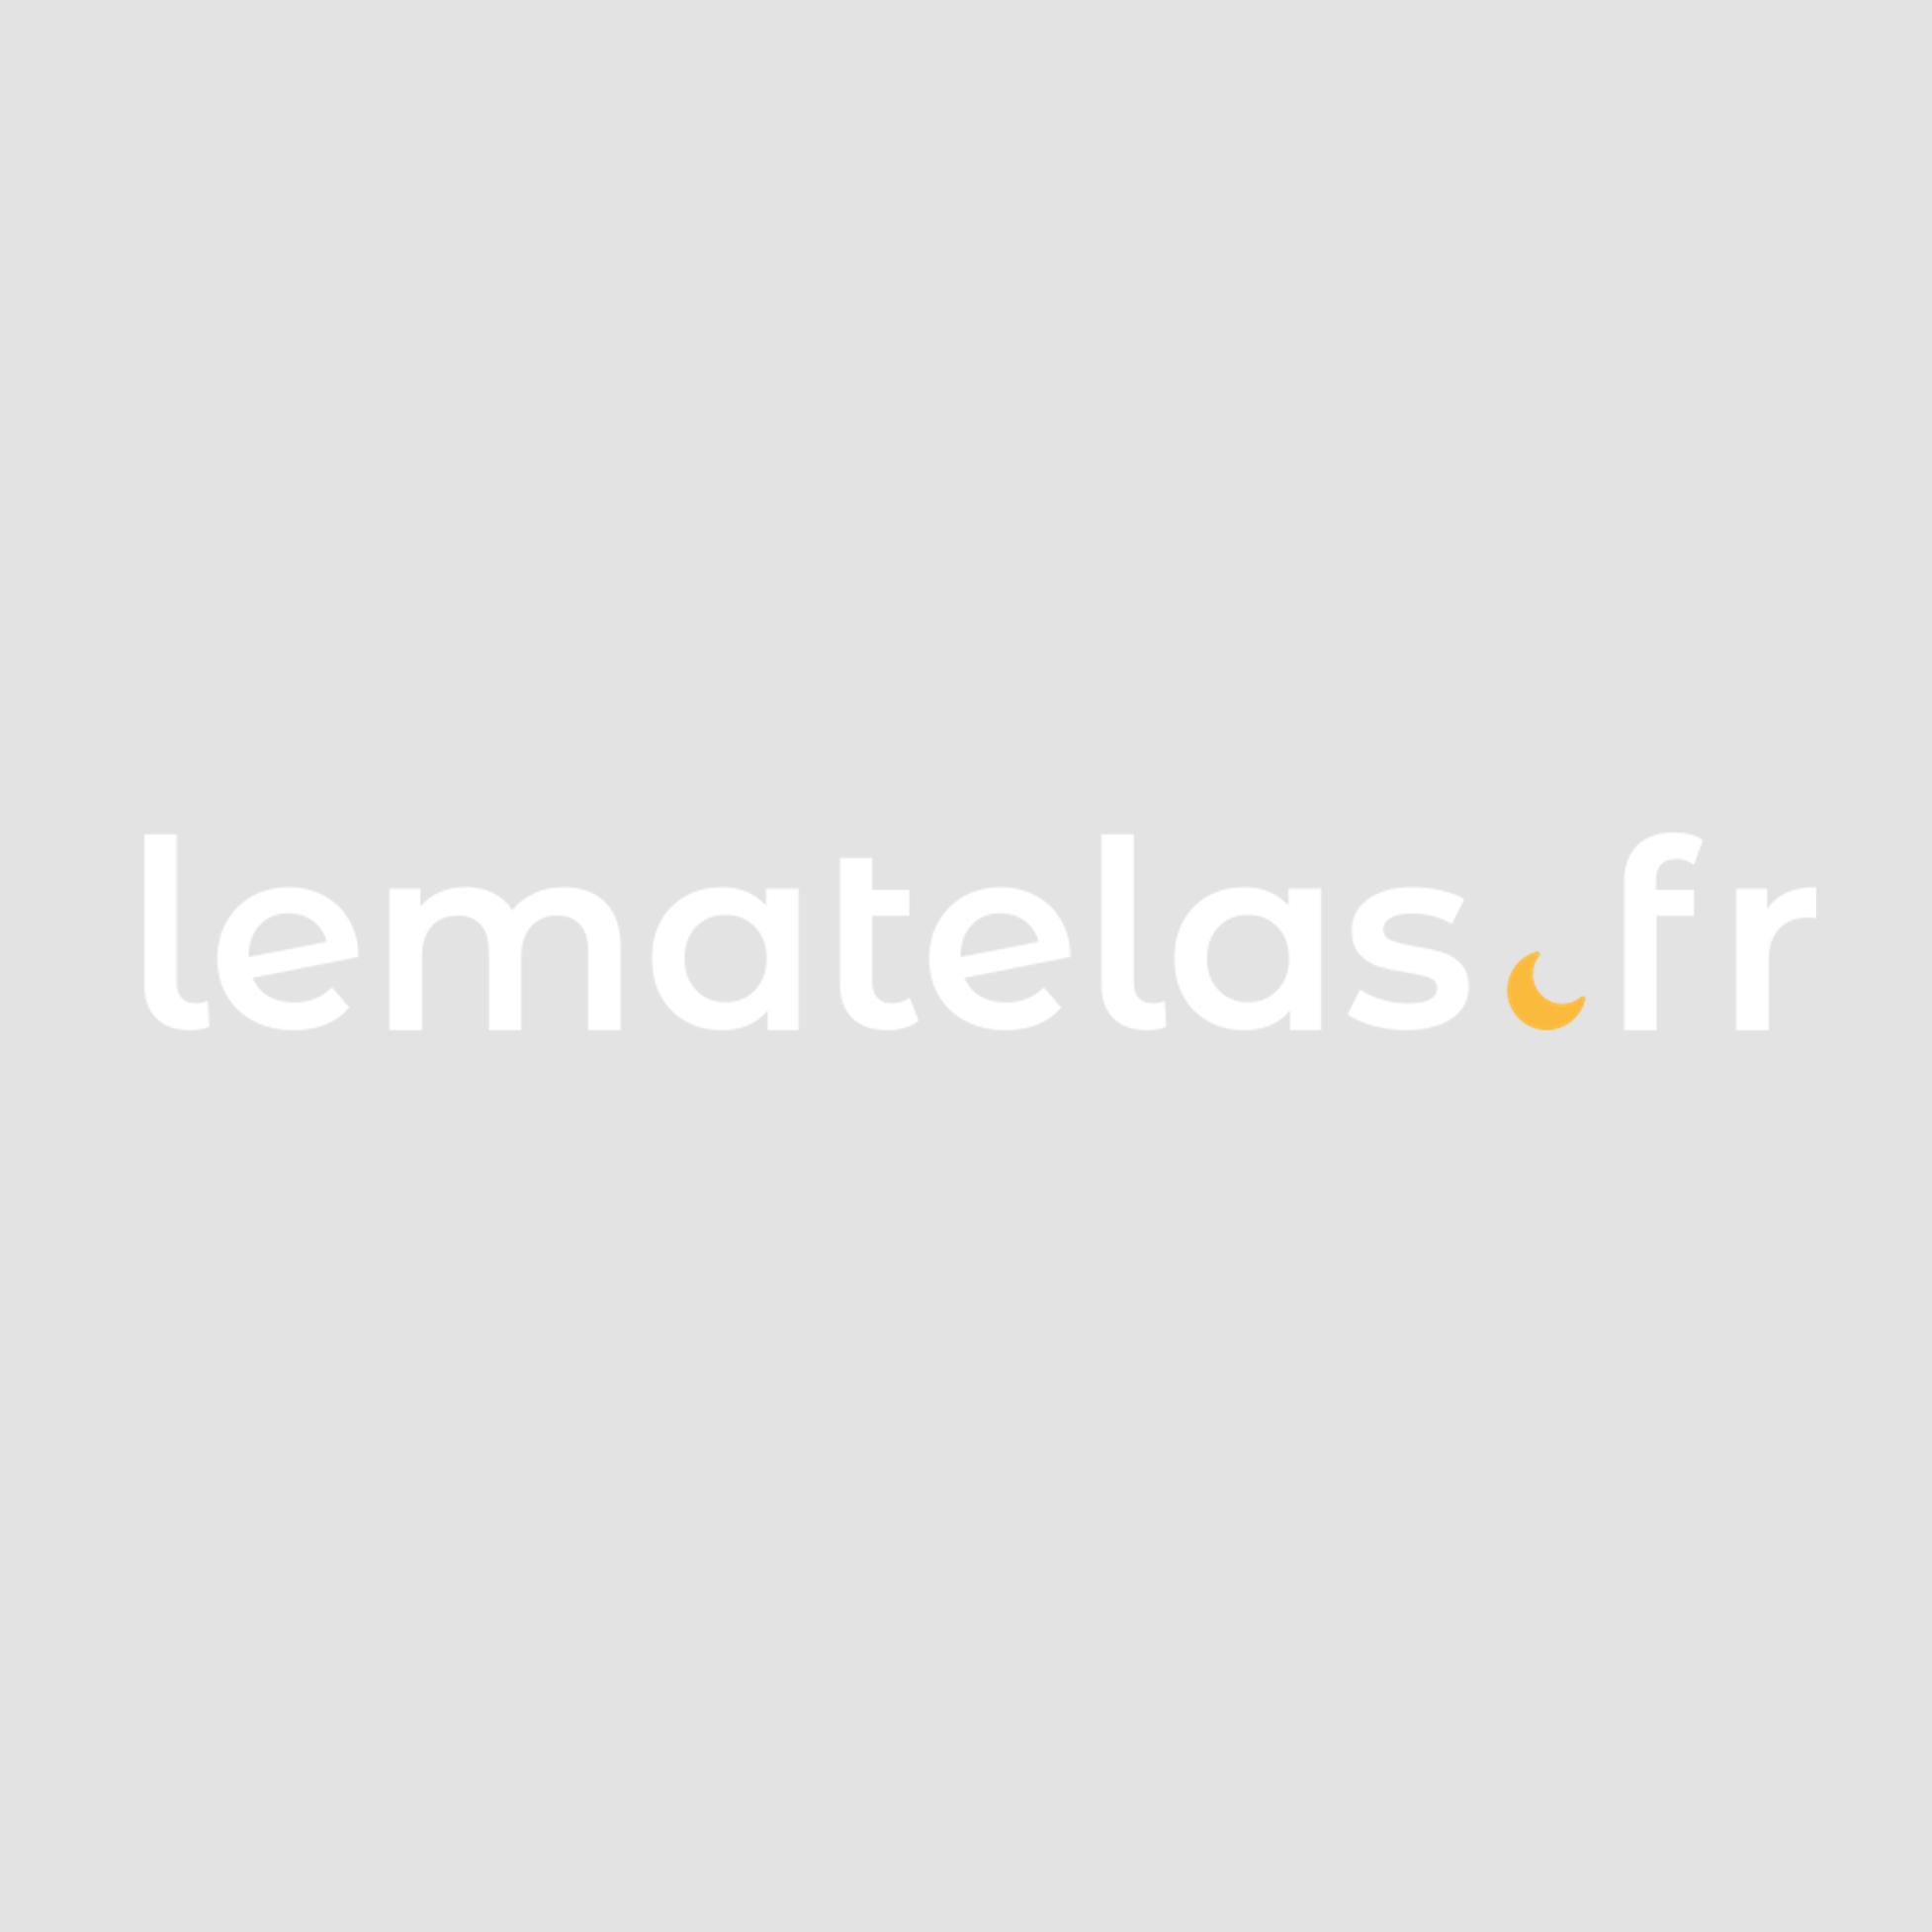 Terre de Nuit Drap housse jaune moutarde TPR jersey extensible 2x70x190